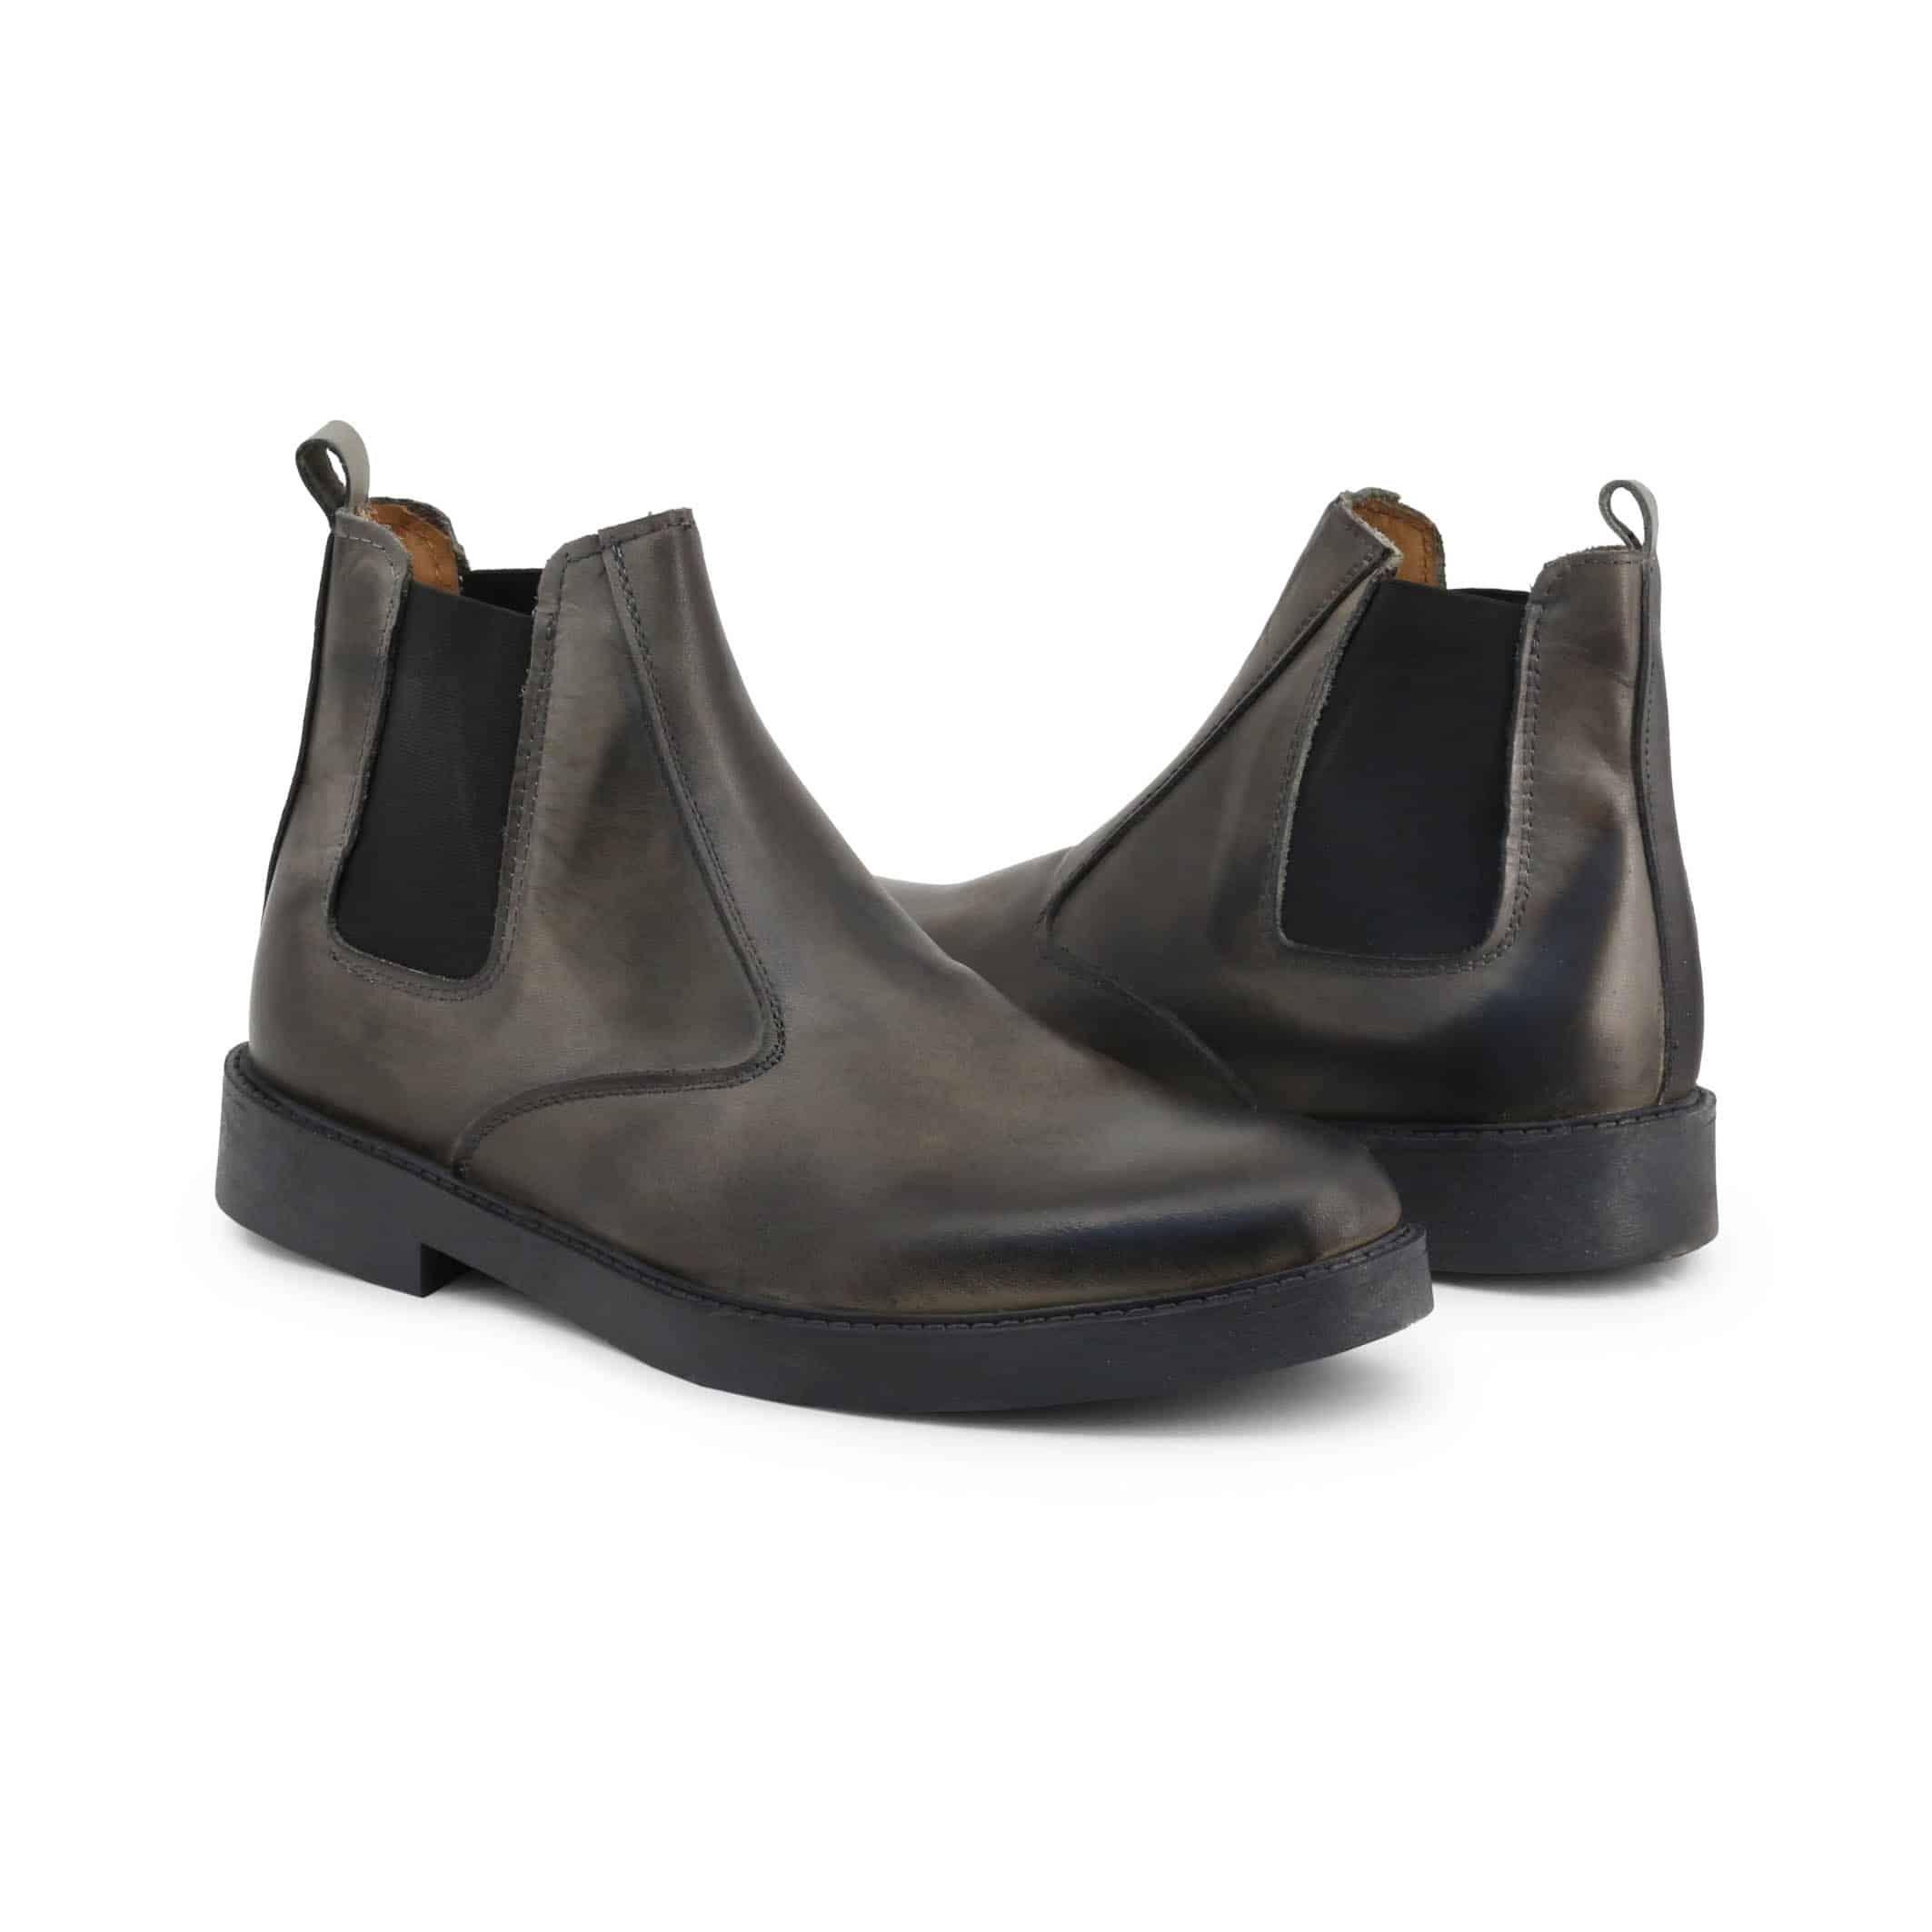 Schuhe SB 3012 – 100_PELLE – Grau